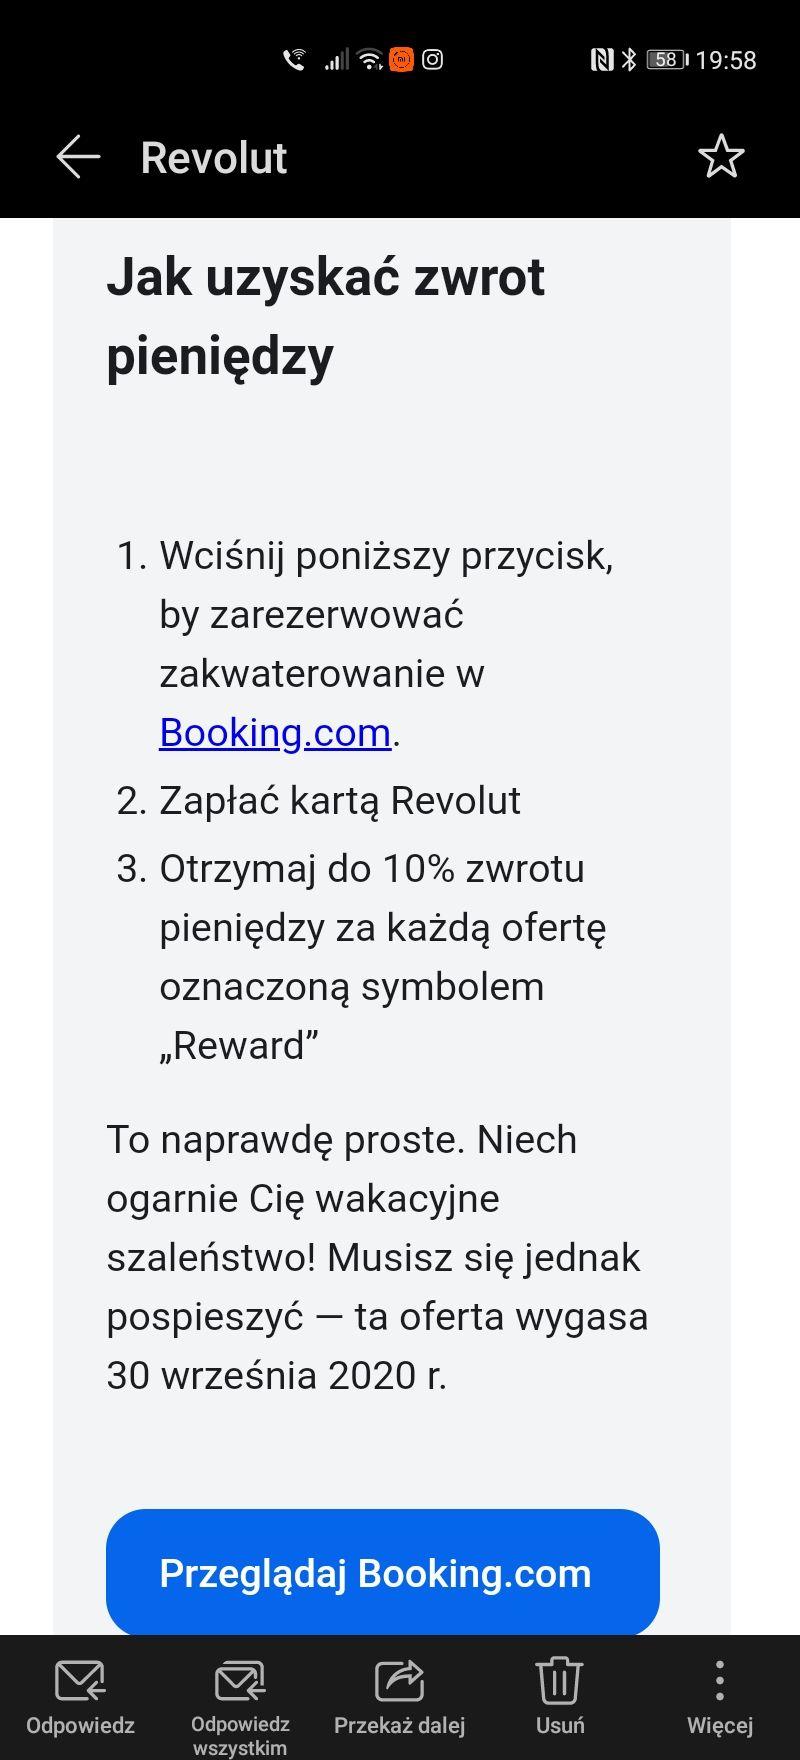 Booking.com zwrot do 10% od Revolut